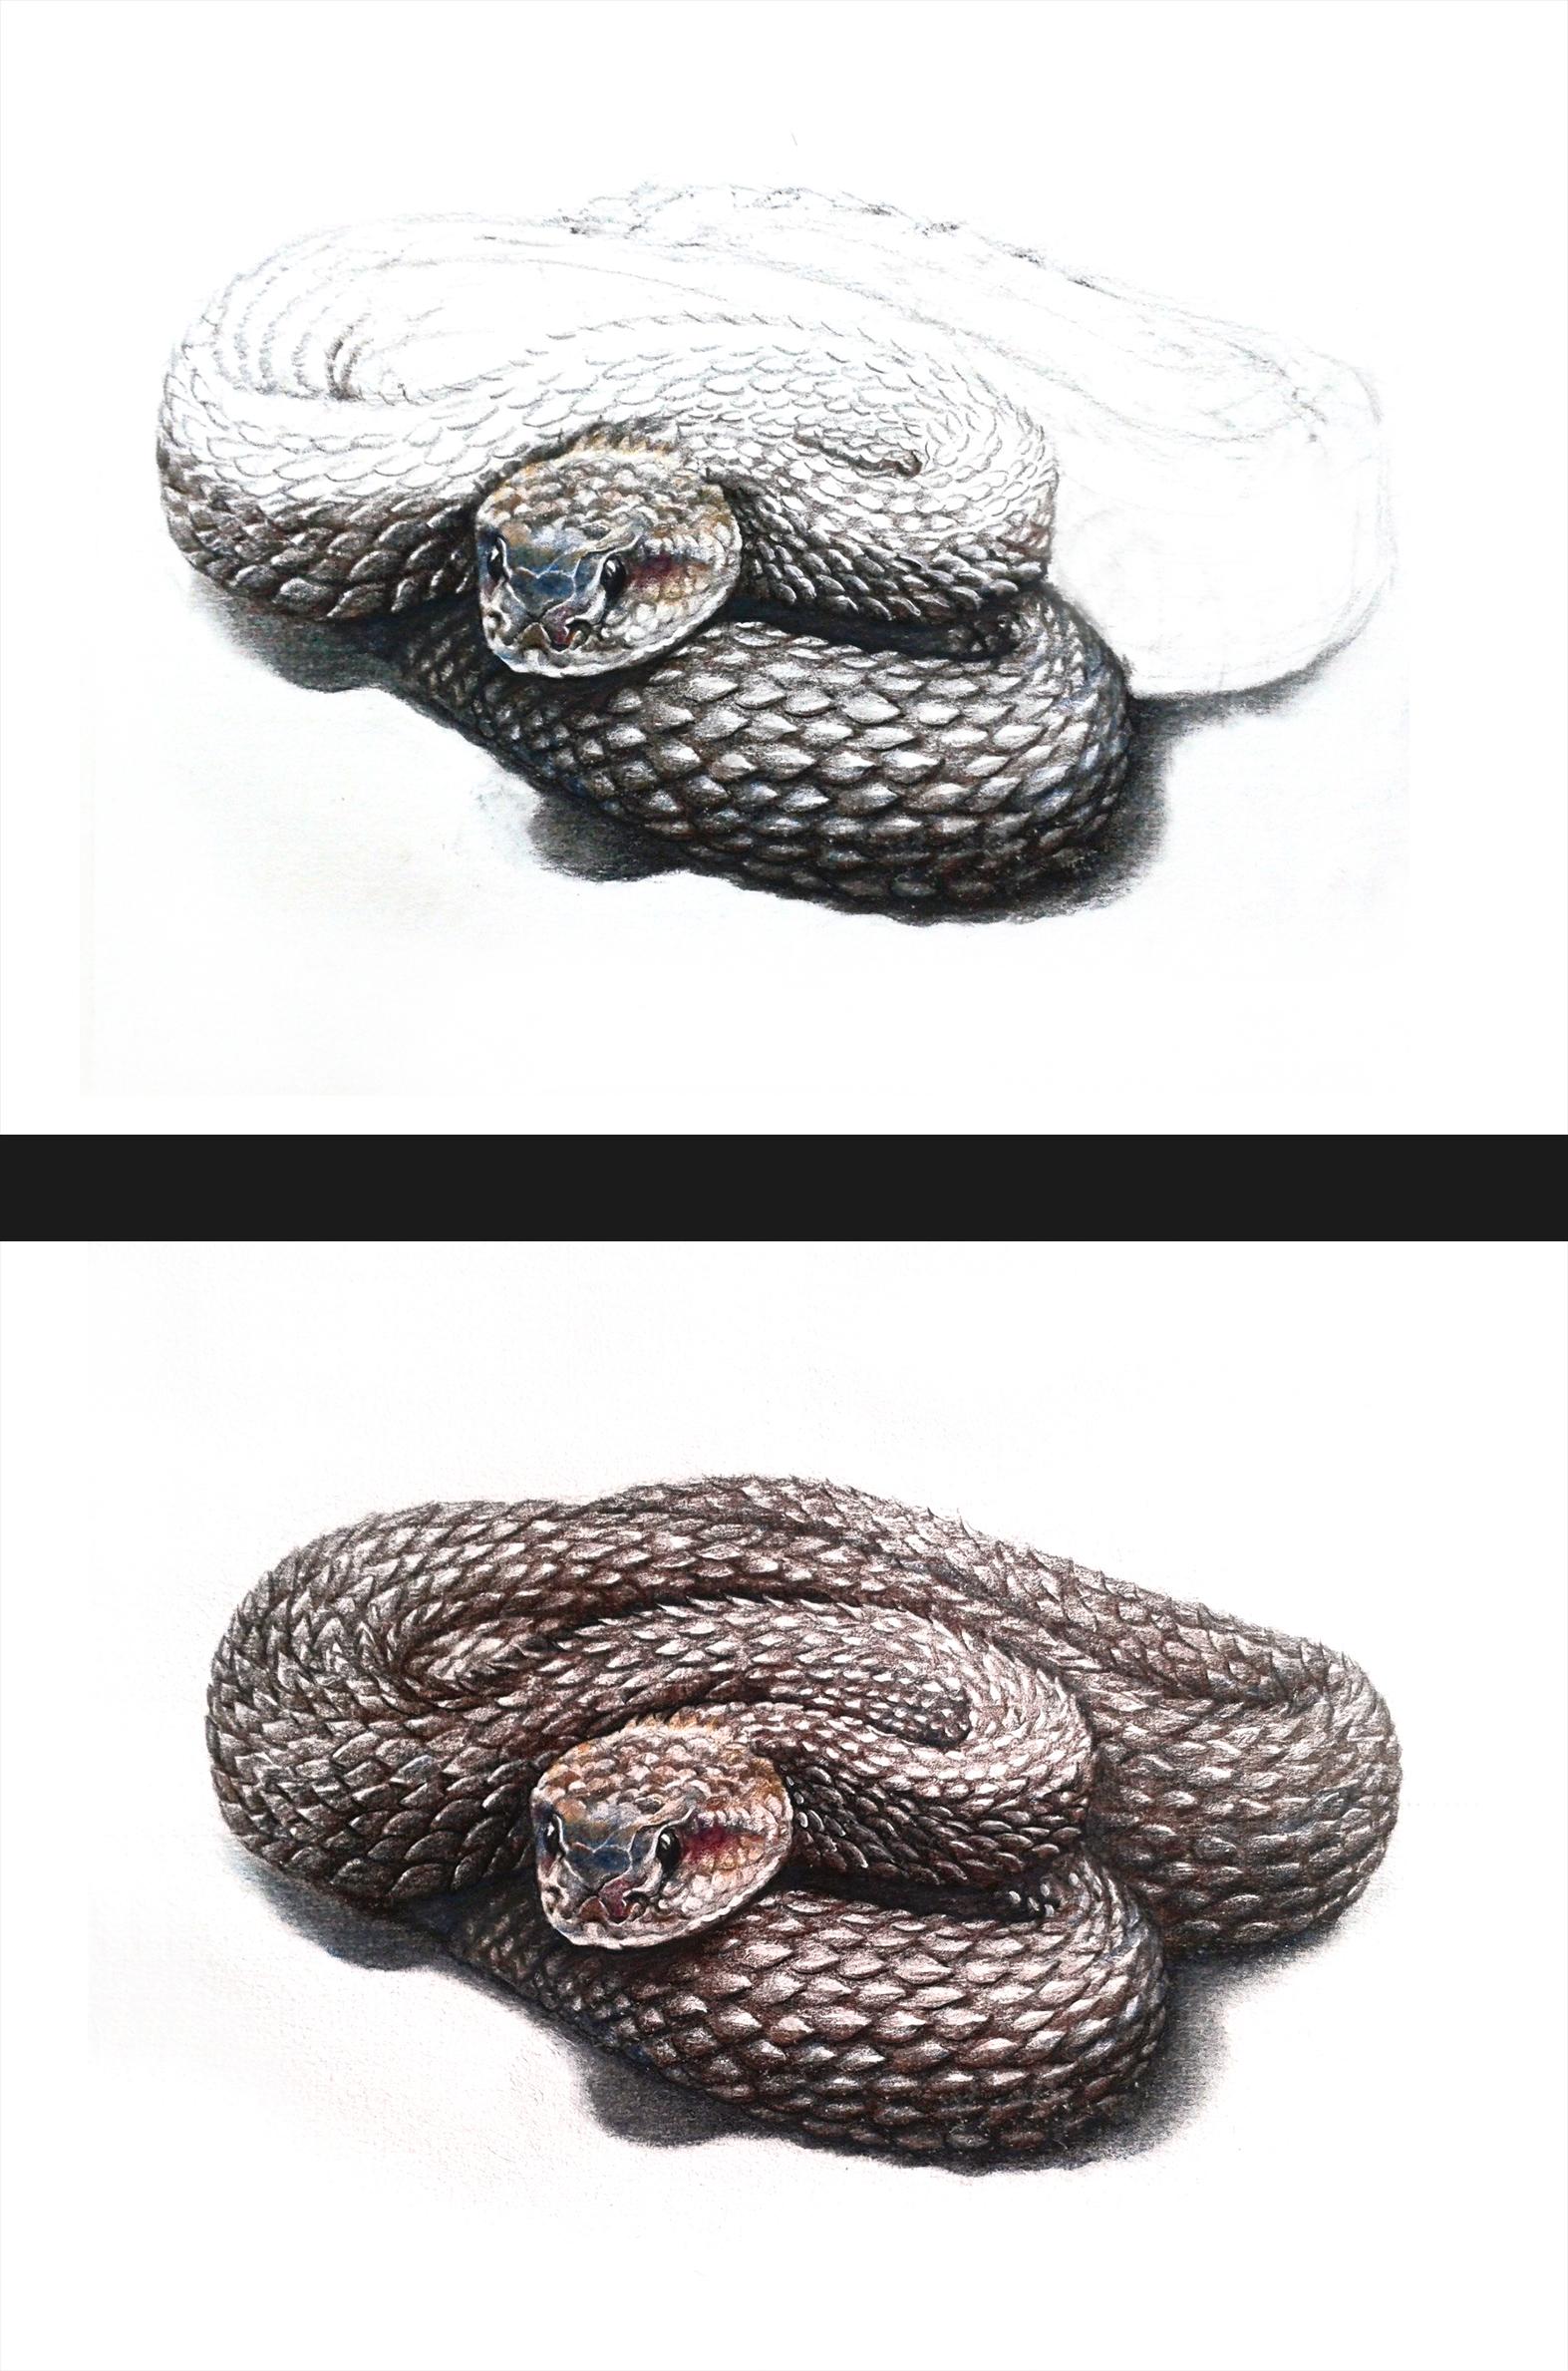 彩铅响尾蛇